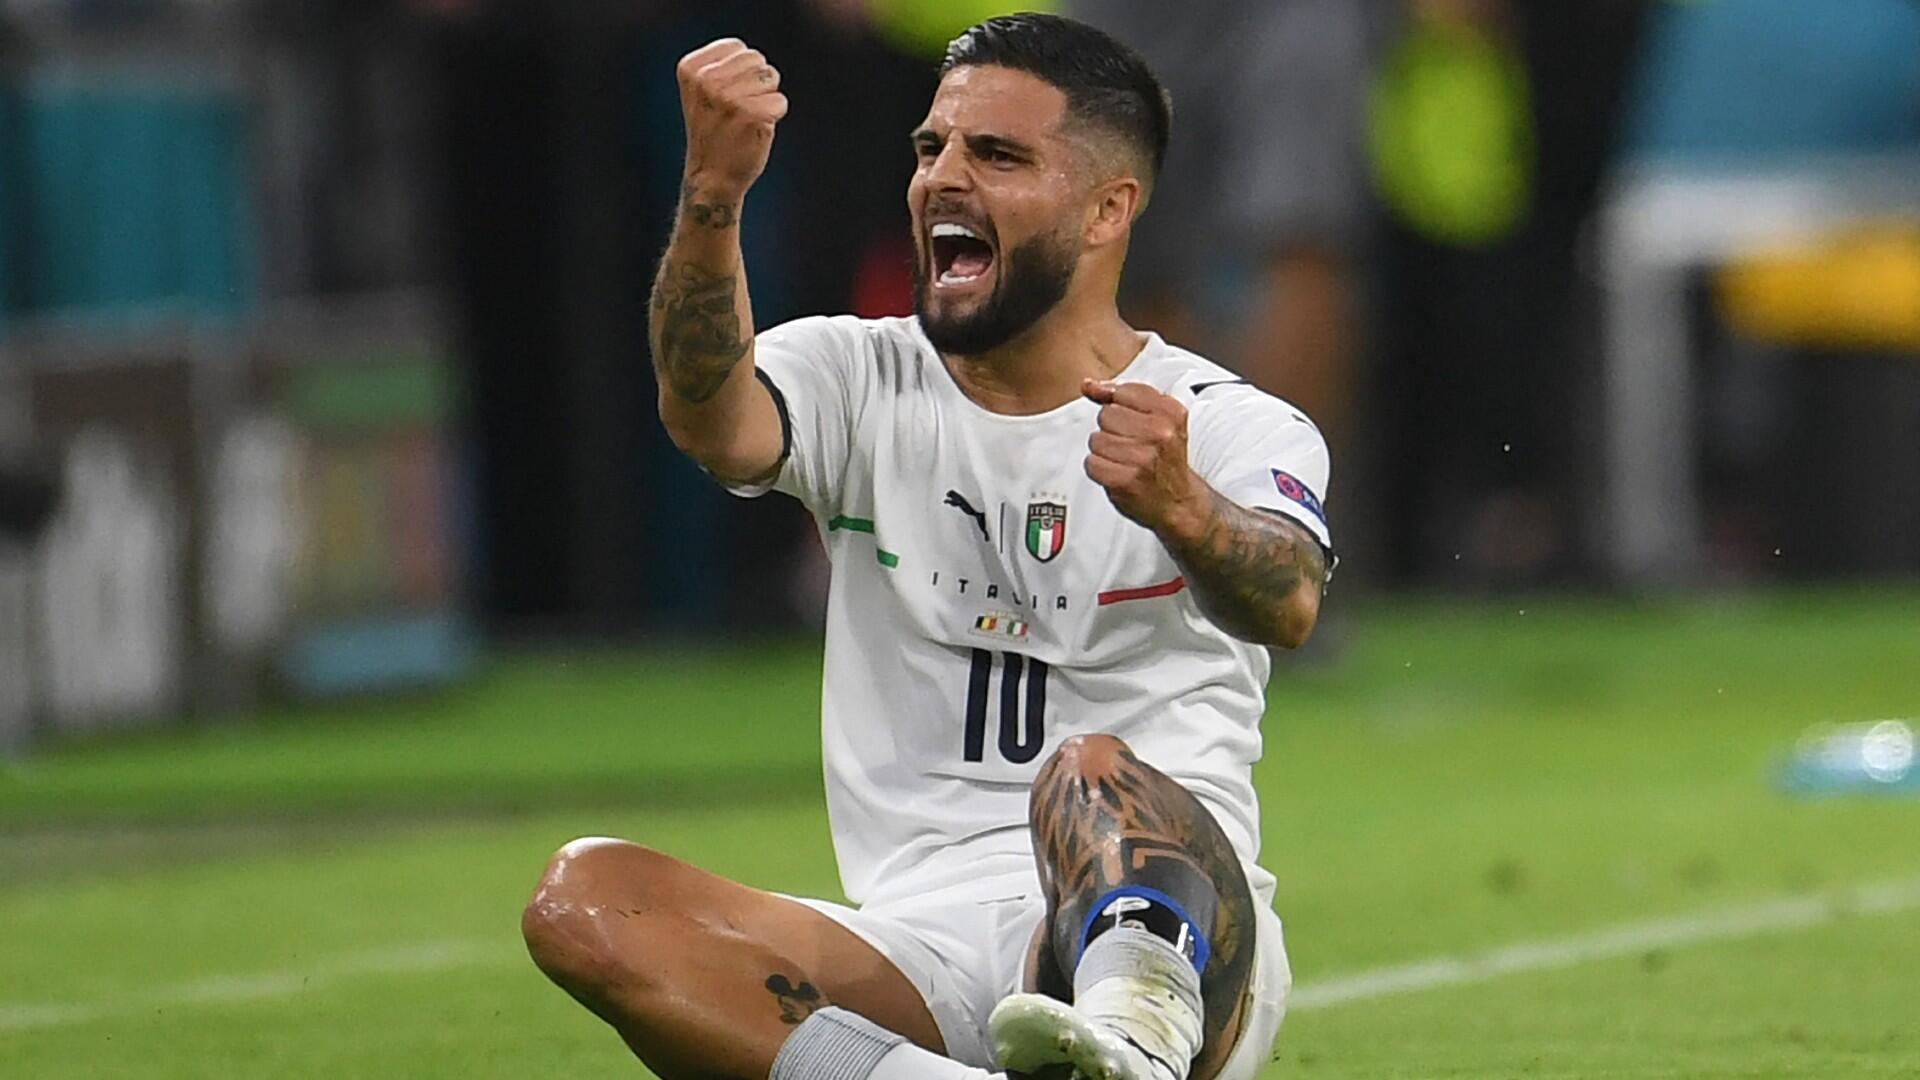 La joie de Lorenzo Insigne après son but face à la Belgique.